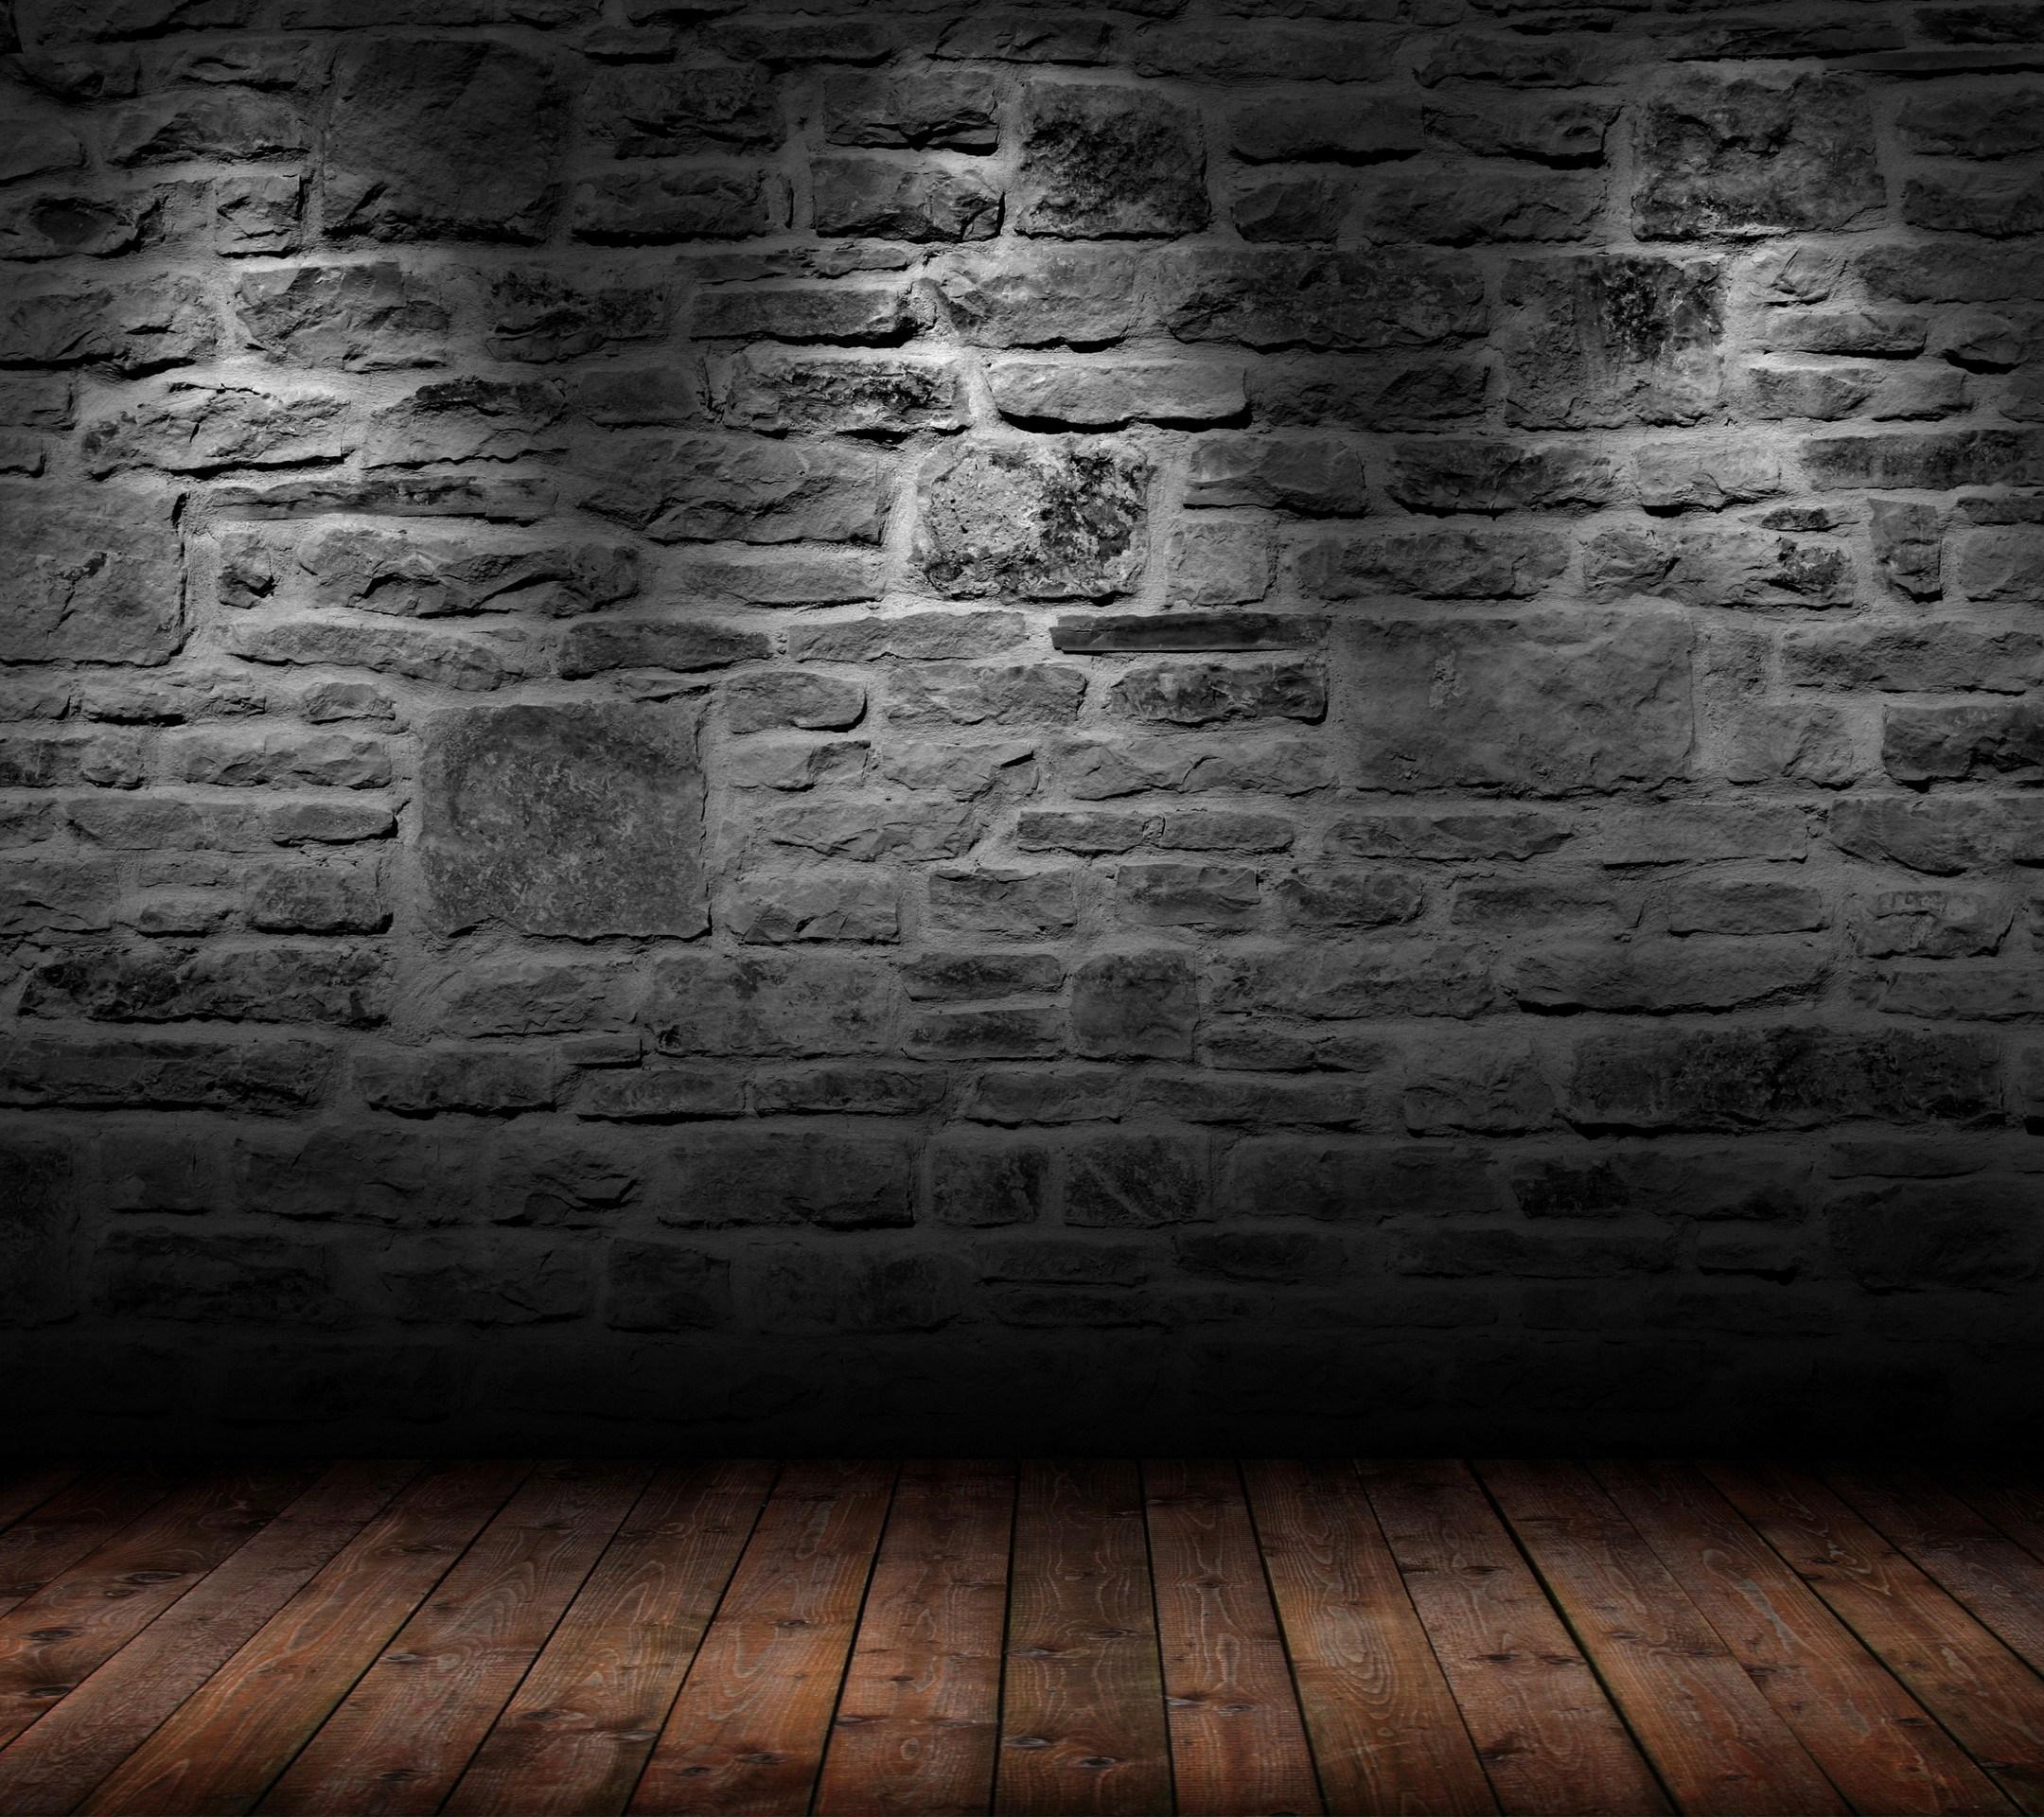 Bricks-Wall-Samsung-Galaxy-S5-Wallpapers-HD-Download